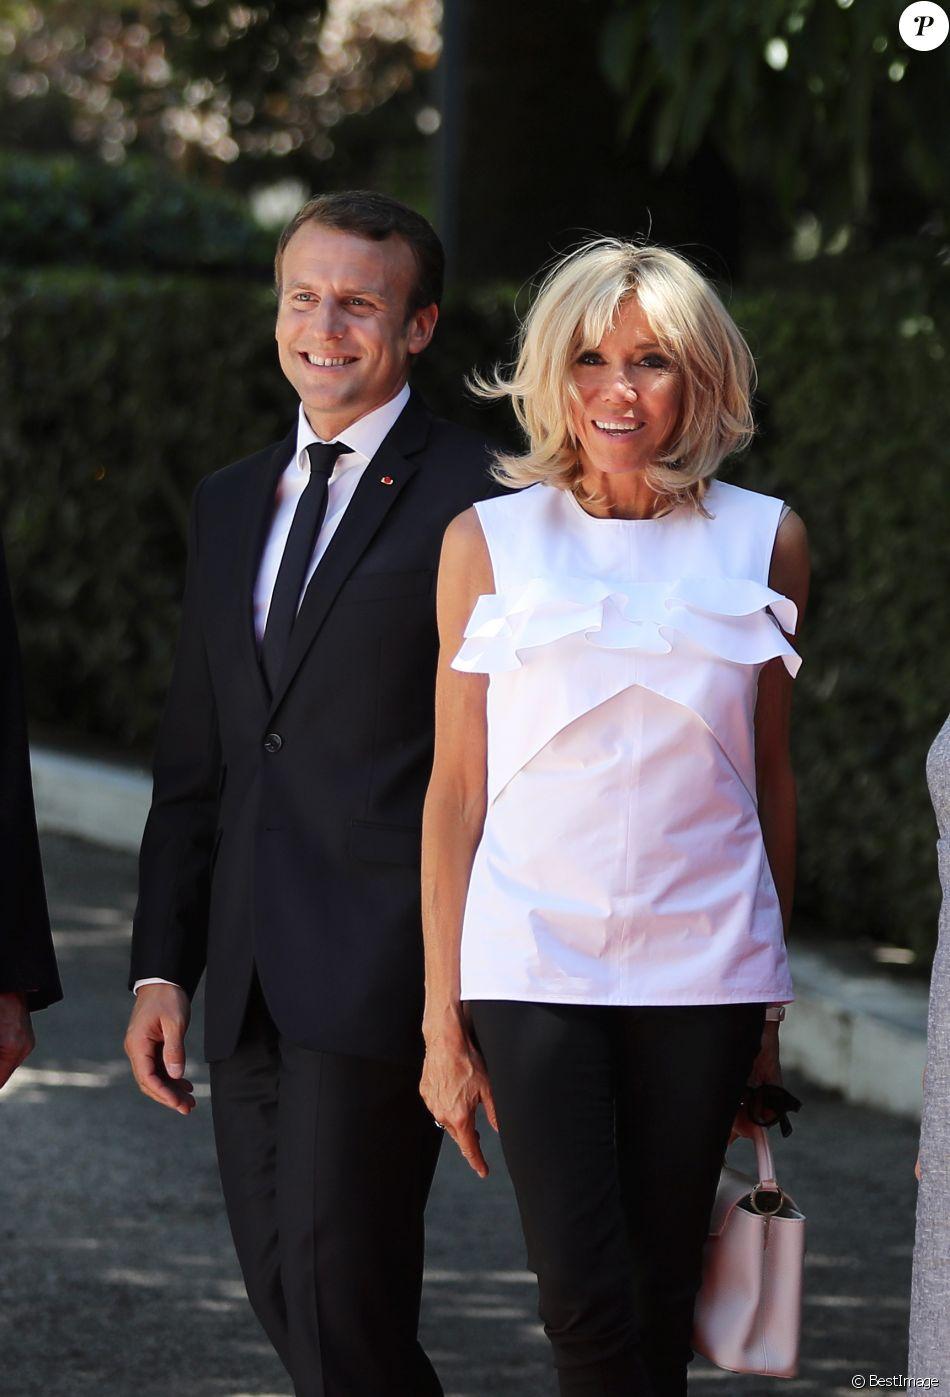 Le président Emmanuel Macron et sa femme Brigitte Macron (Trogneux) lors de l'accueil du couple présidentiel français par le président de la république hellénique au palais présidentiel à Athènes le 7 septembre 2017. © Dominique Jacovides / Bestimage